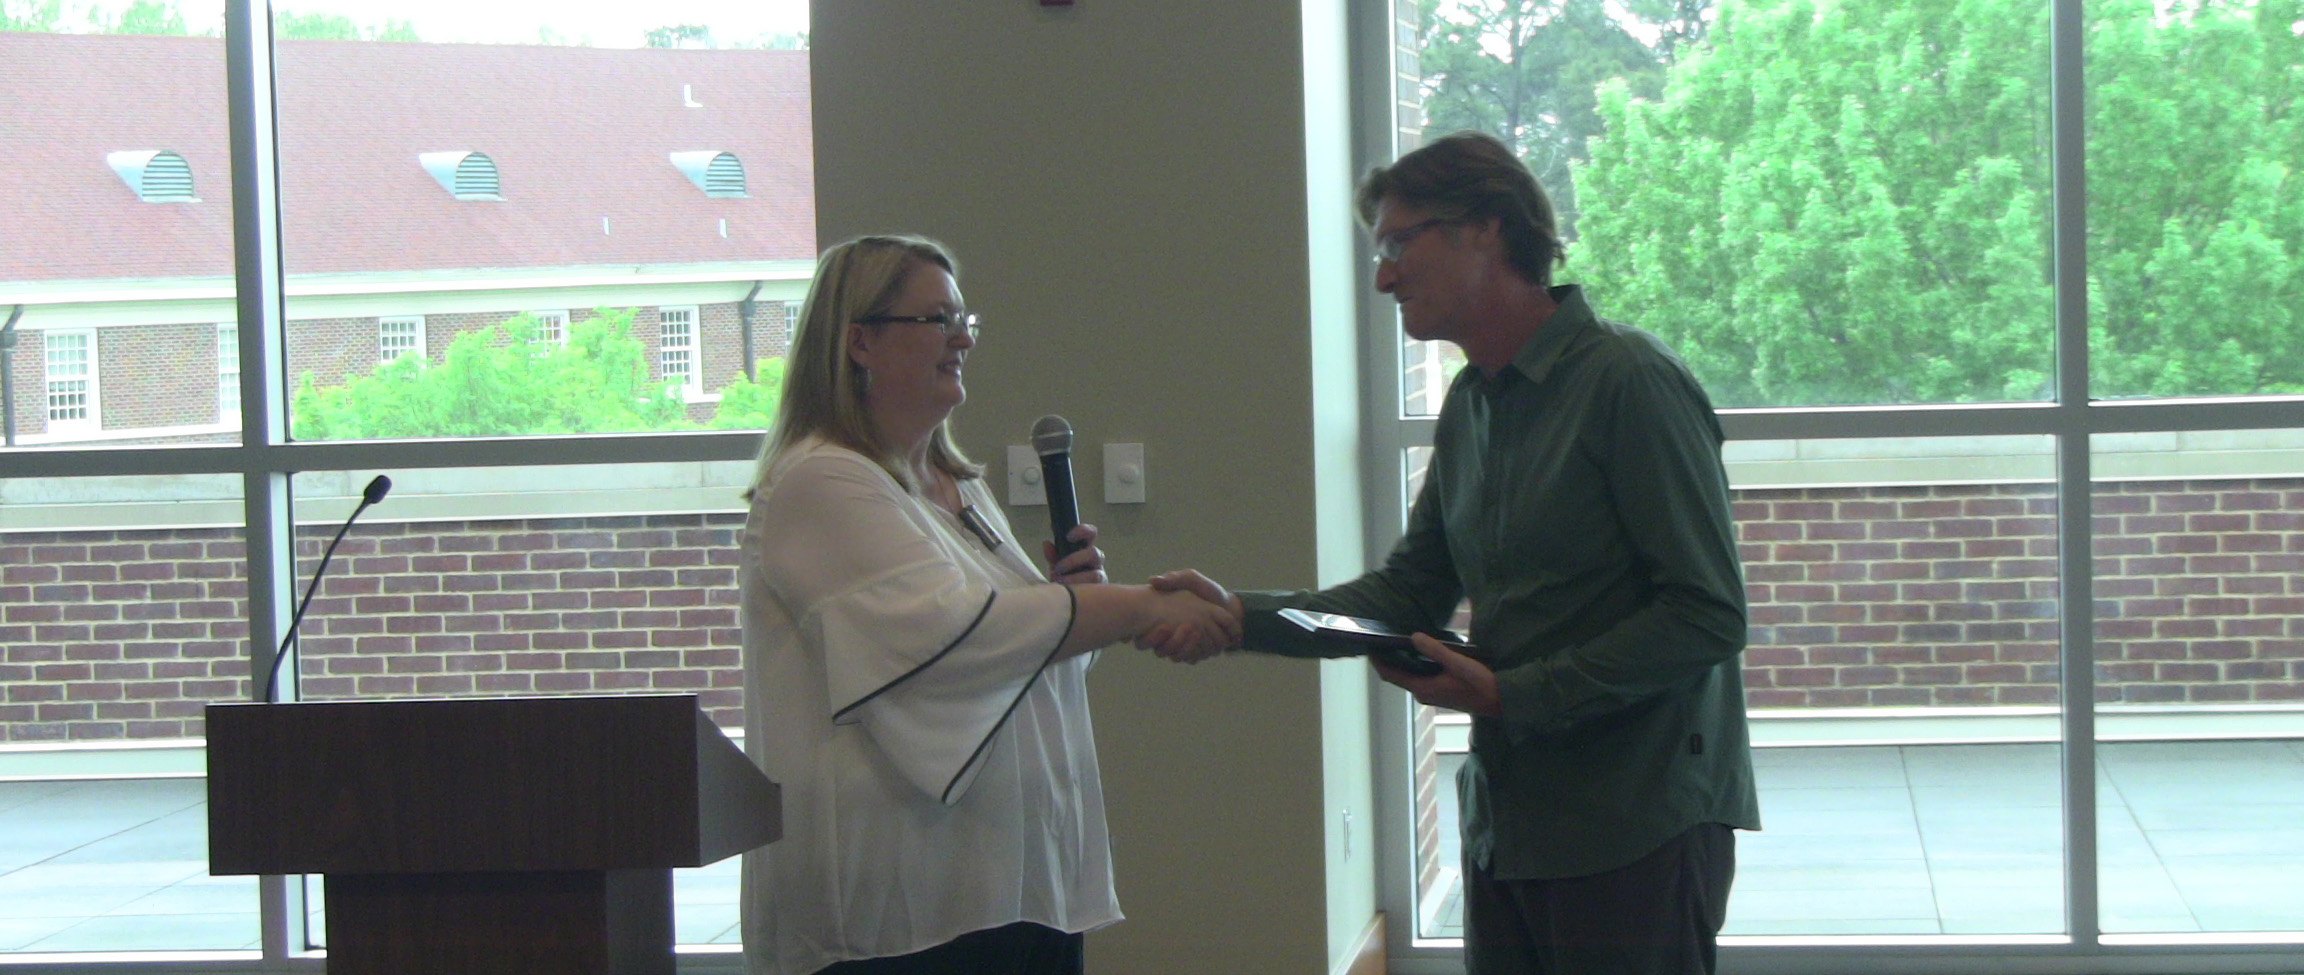 2019 Faculty Access Award Recipient